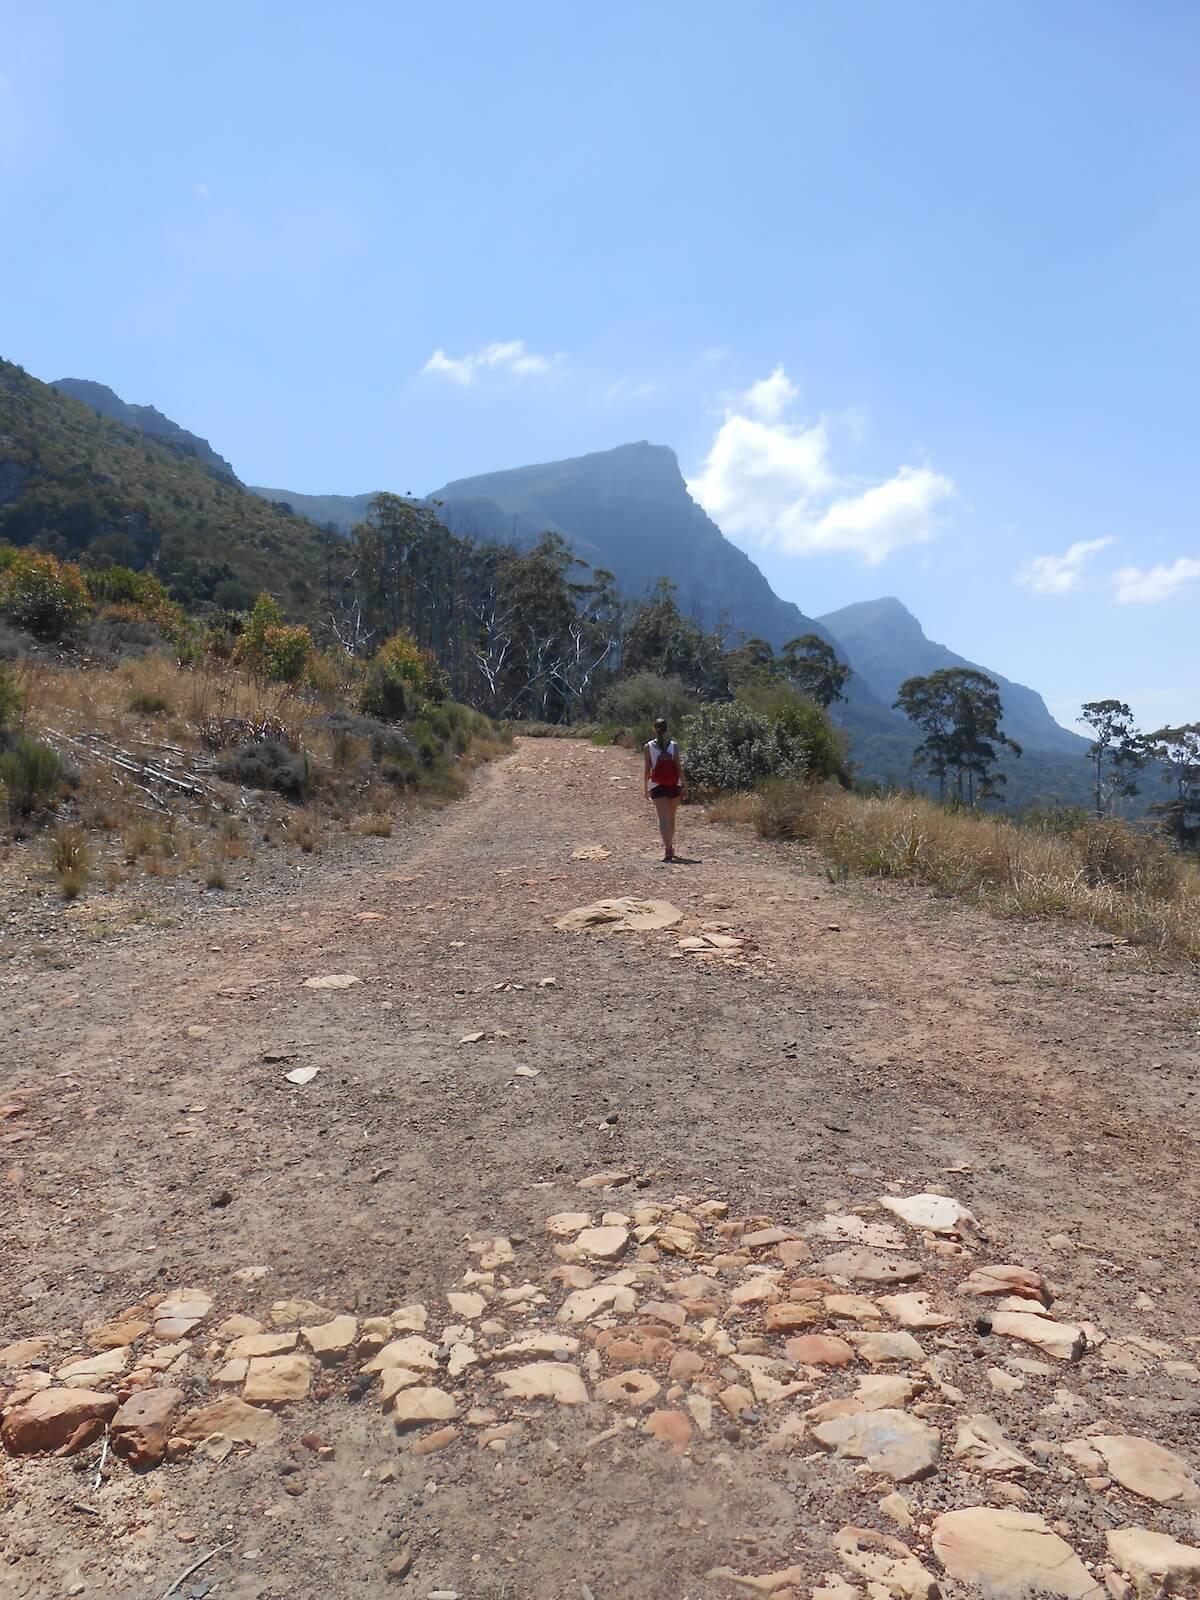 Més de 10 coses increïbles per fer a Cape Town: Table Mountain